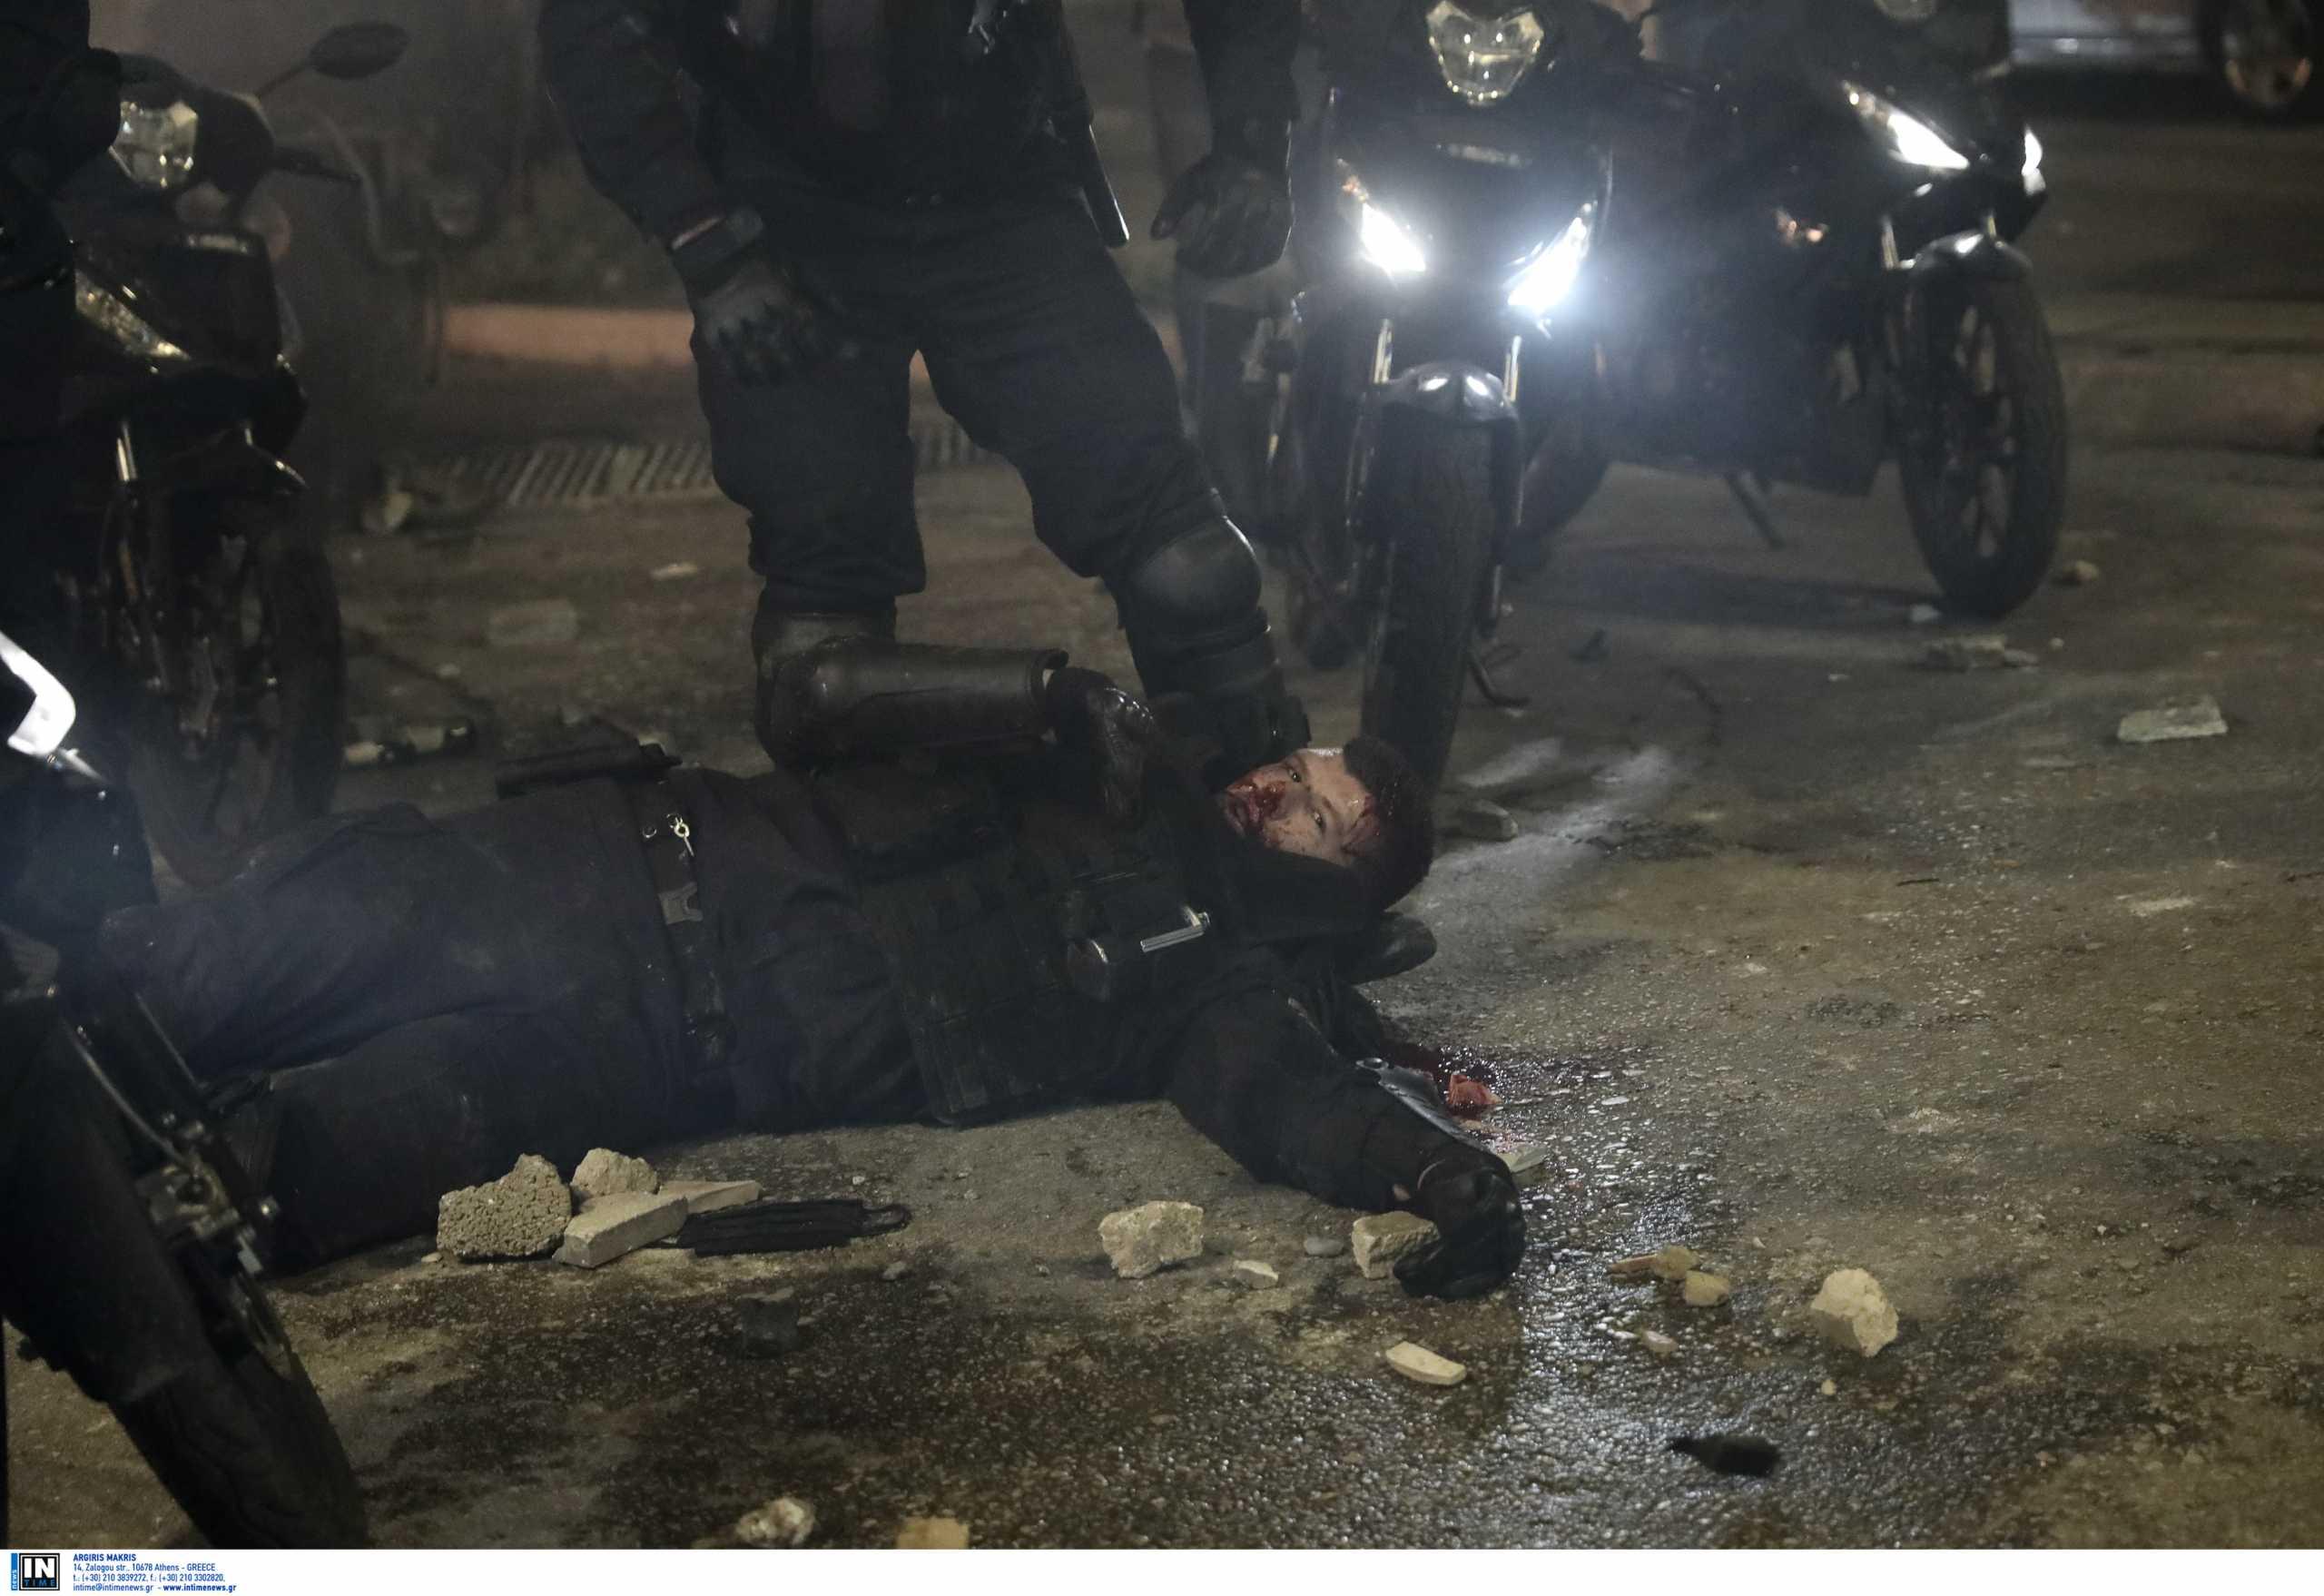 Νέα Σμύρνη: Άλλα τρία εντάλματα σύλληψης για την επίθεση στον αστυνομικό – 13 άτομα στο «στόχαστρο»